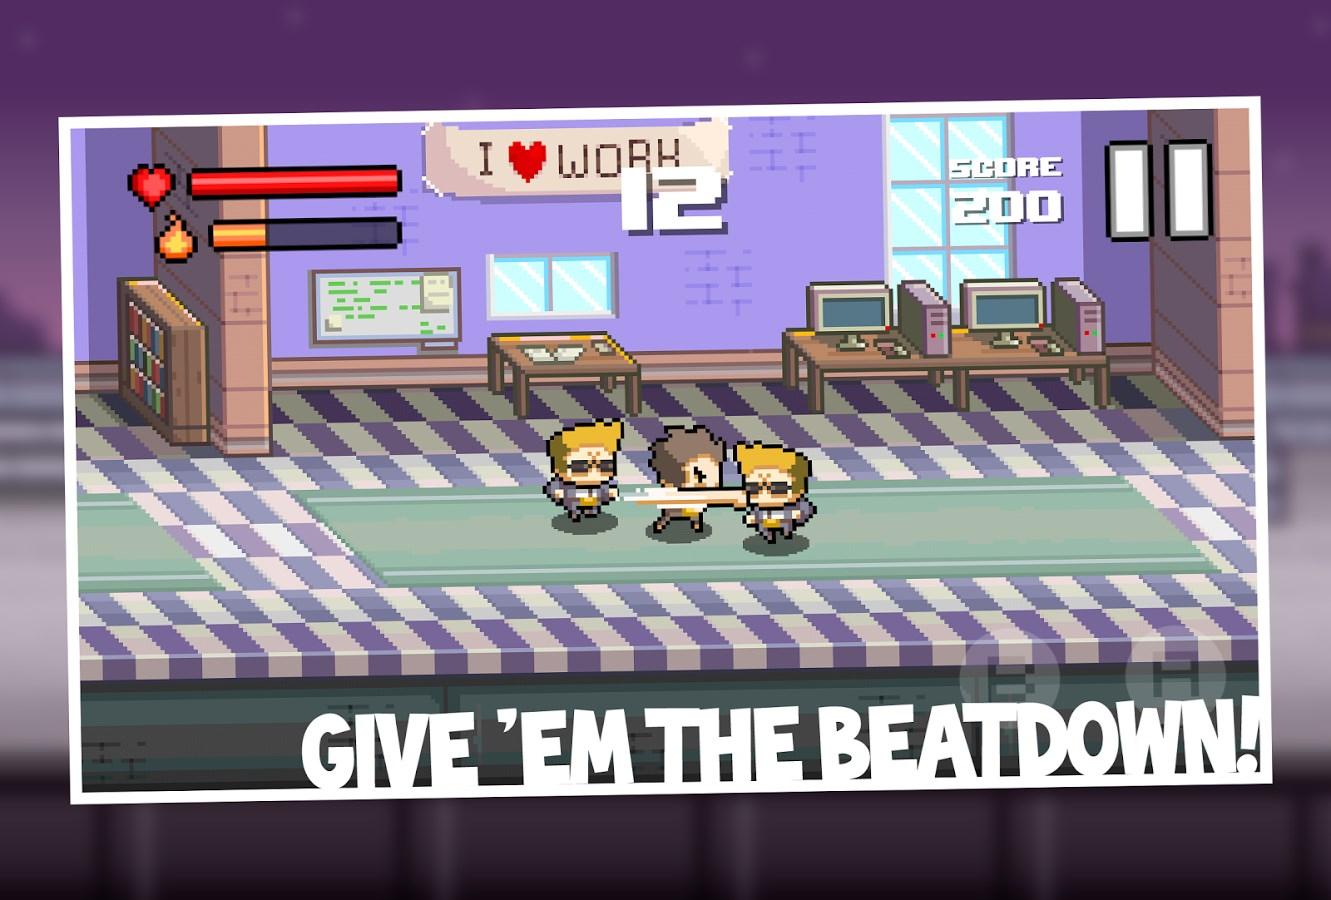 Beatdown! - Imagem 1 do software